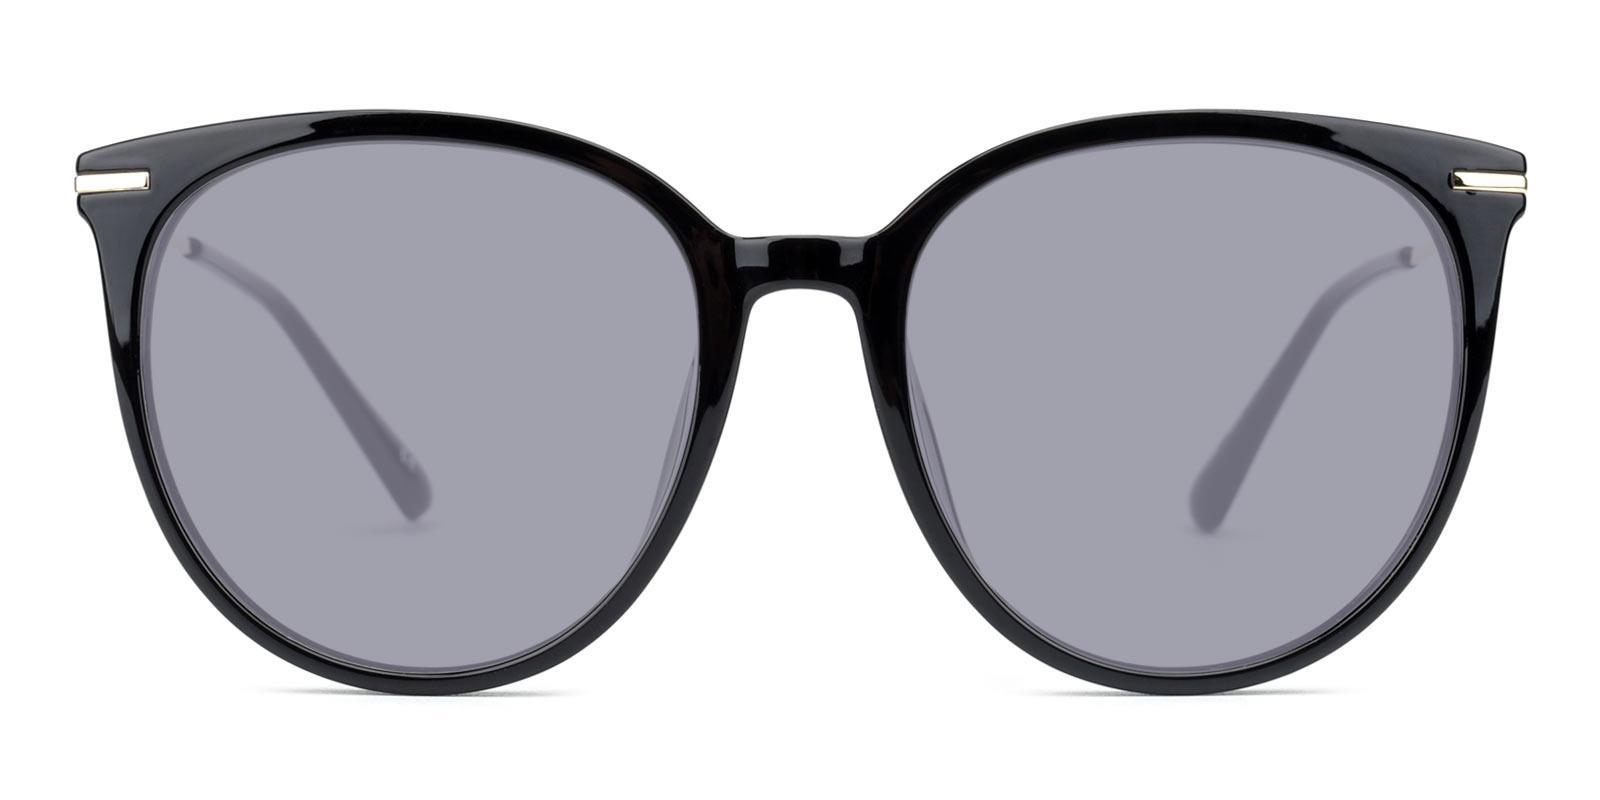 Memoria-Black-Round / Cat-Metal / Combination / TR-Sunglasses-additional2